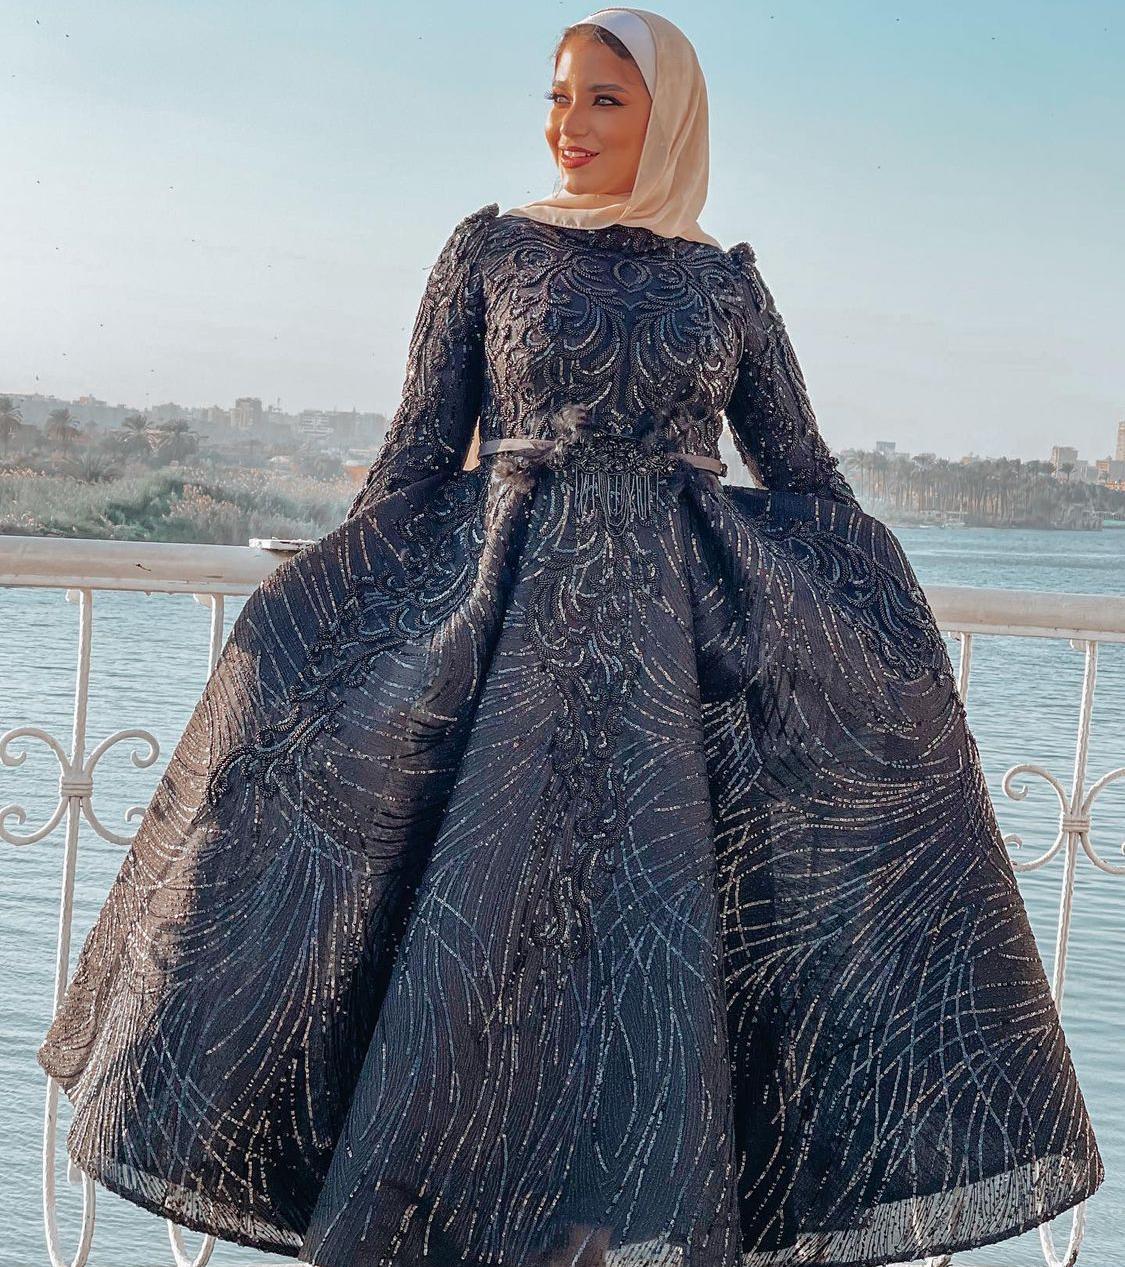 1 مريم سيف بفستان اسود مطرز -الصورة من حسابها على الانستغرام